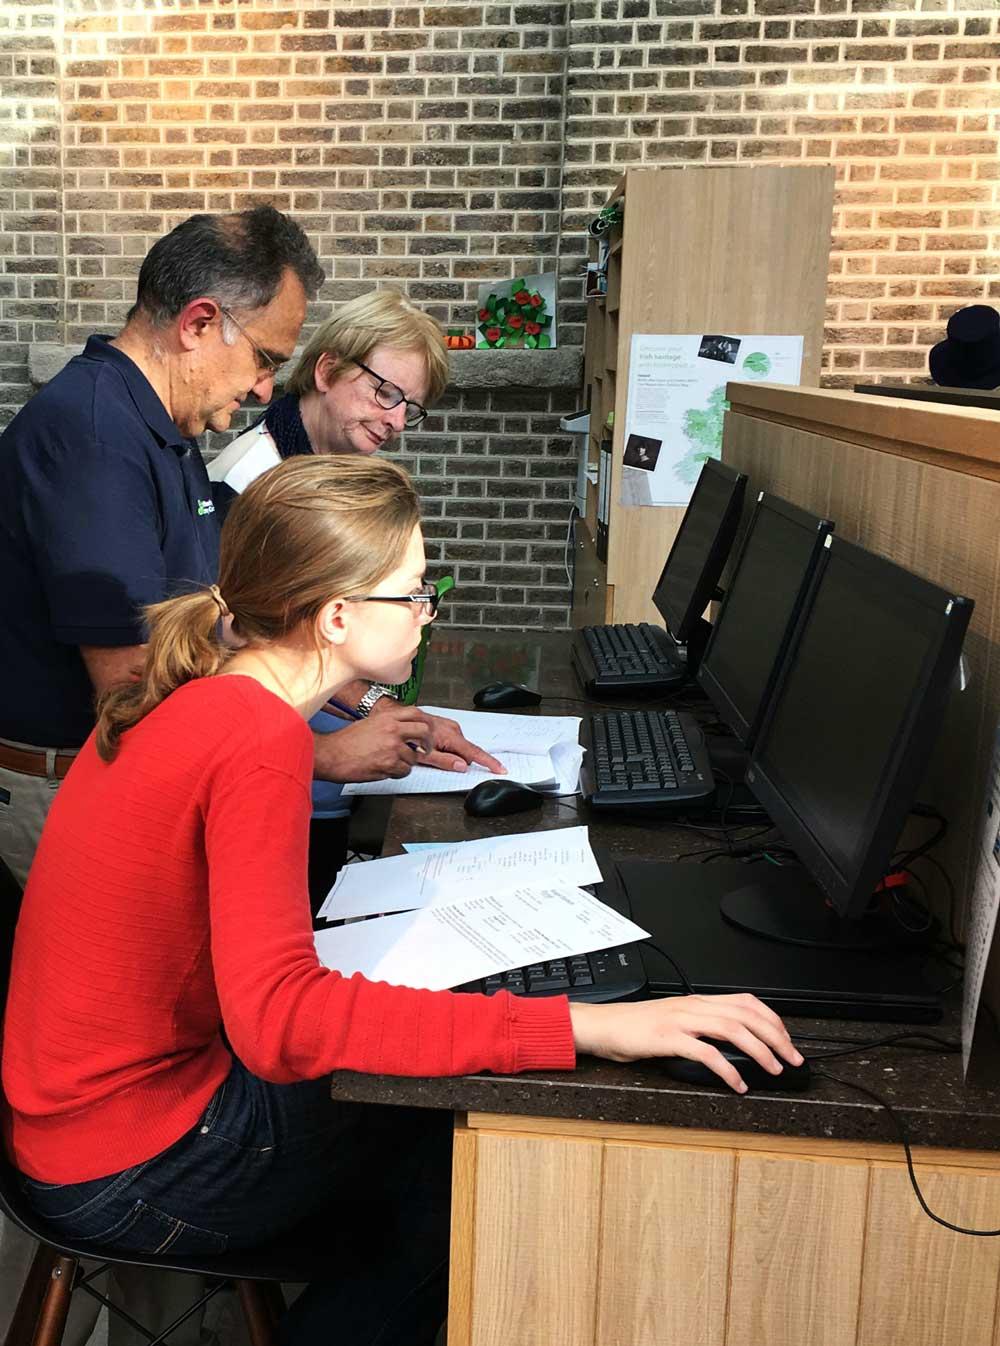 Doing Irish Genealogy at the Family History Center in Dublin, Ireland